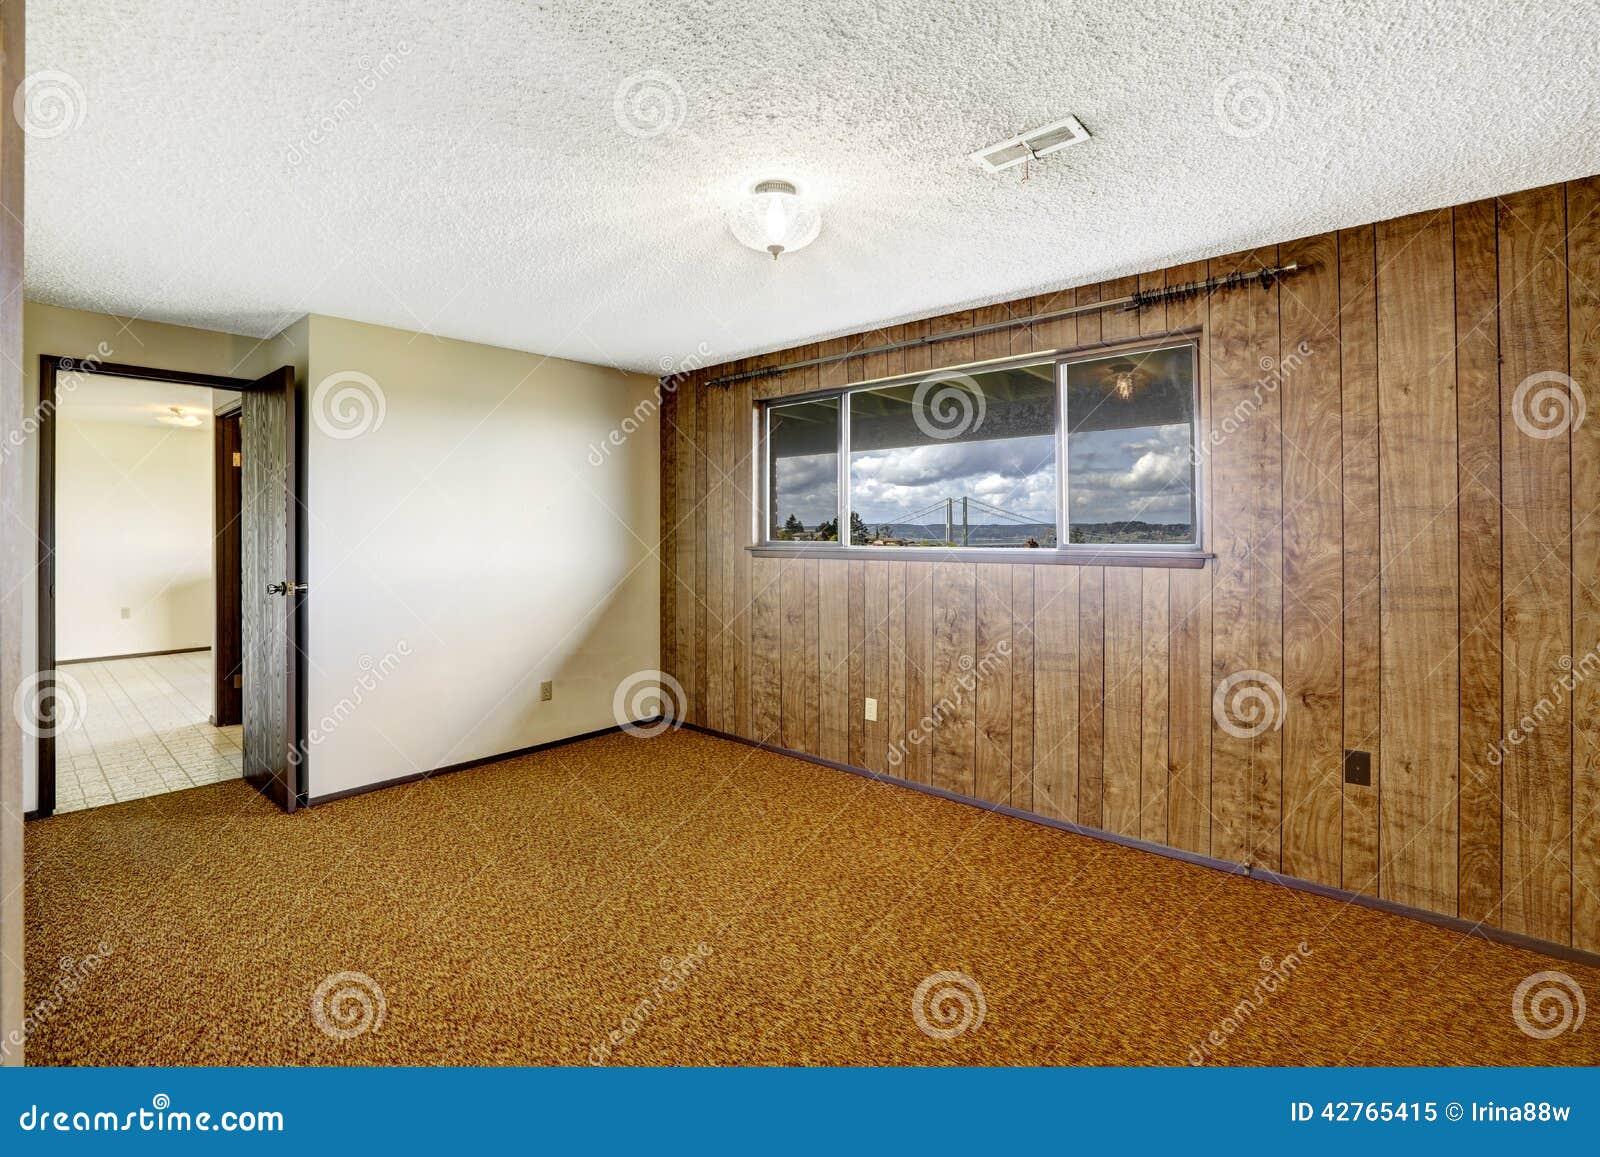 Pareti Rivestite Di Legno : La stanza vuota con la plancia di legno ha rivestito la parete e